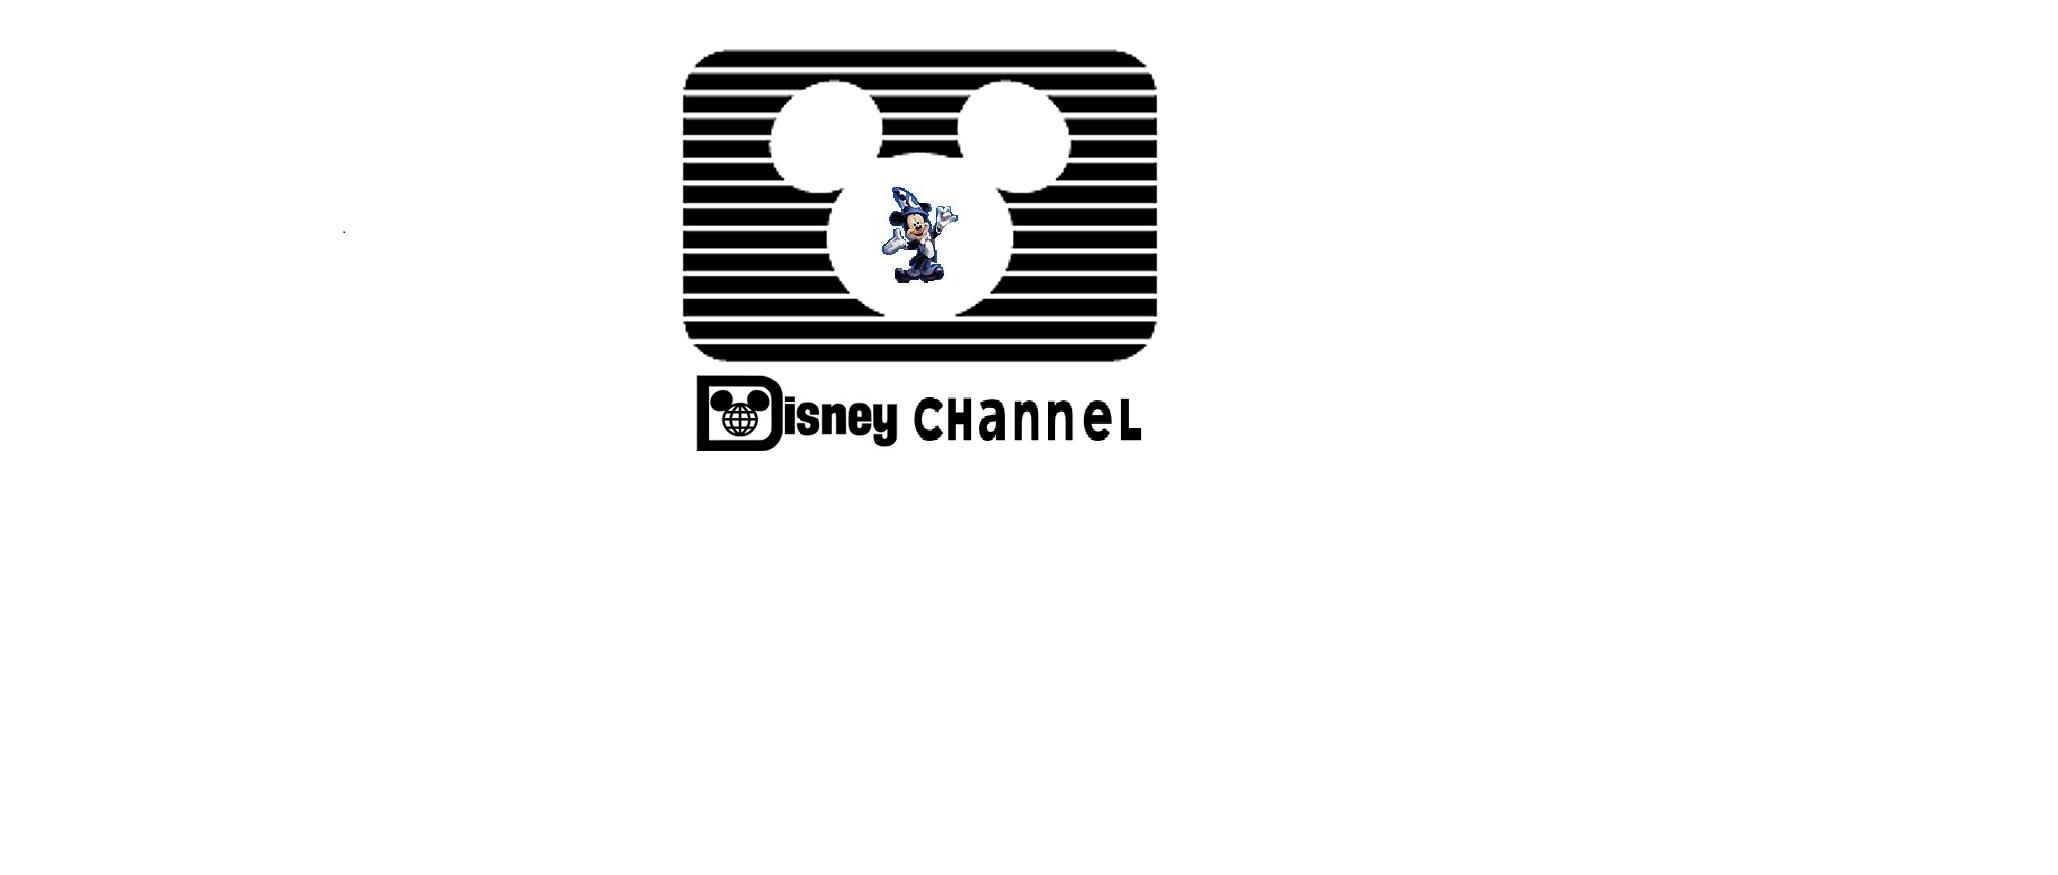 Disney Channel Logo 1986 Best Cars 2018